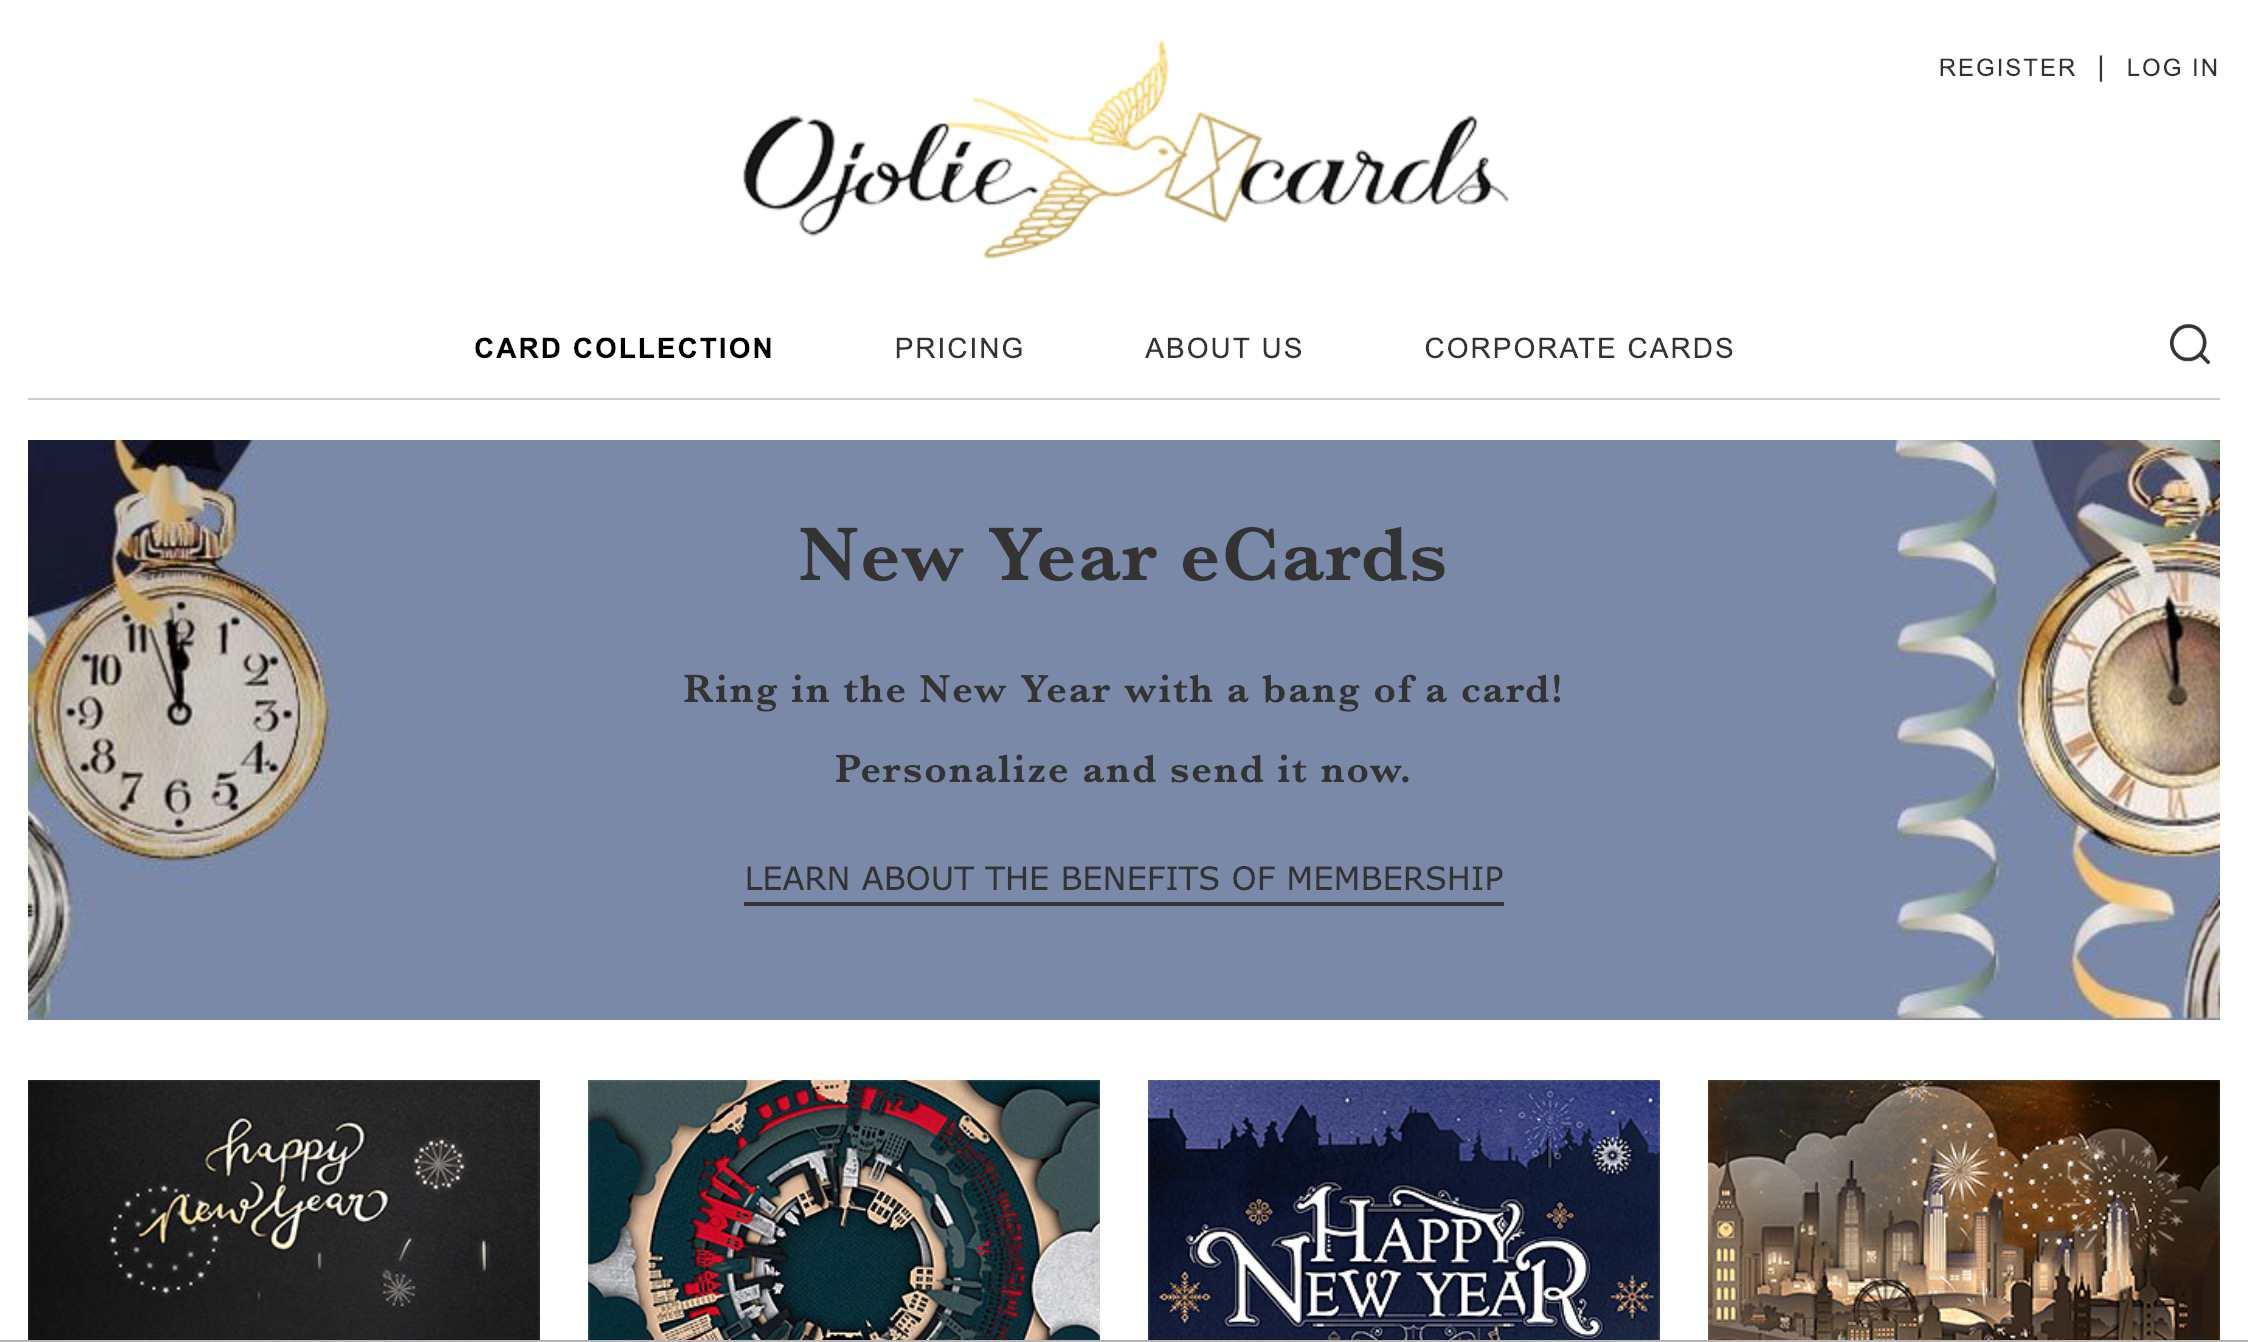 Ojolie website